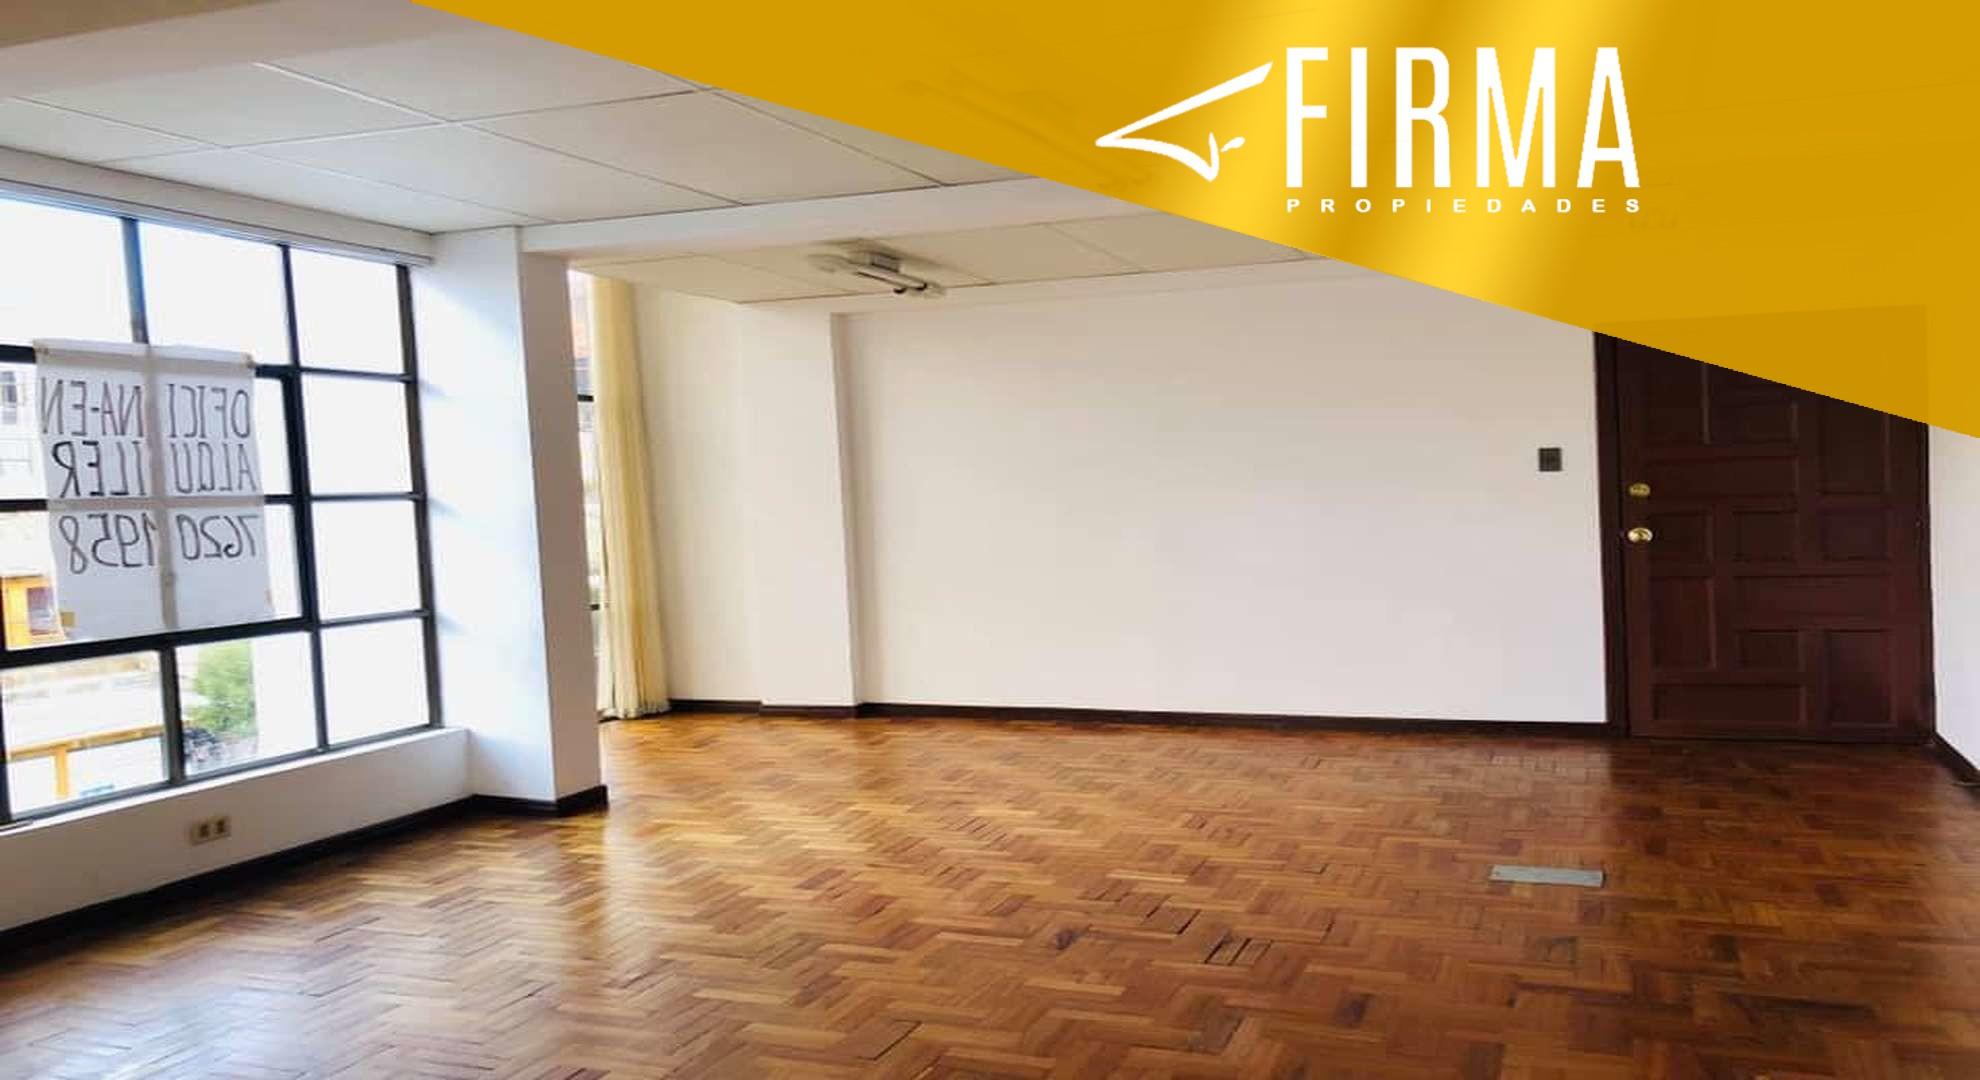 Oficina en Alquiler FOA53350 – ALQUILA ESTA OFICINA EN CALACOTO Foto 3